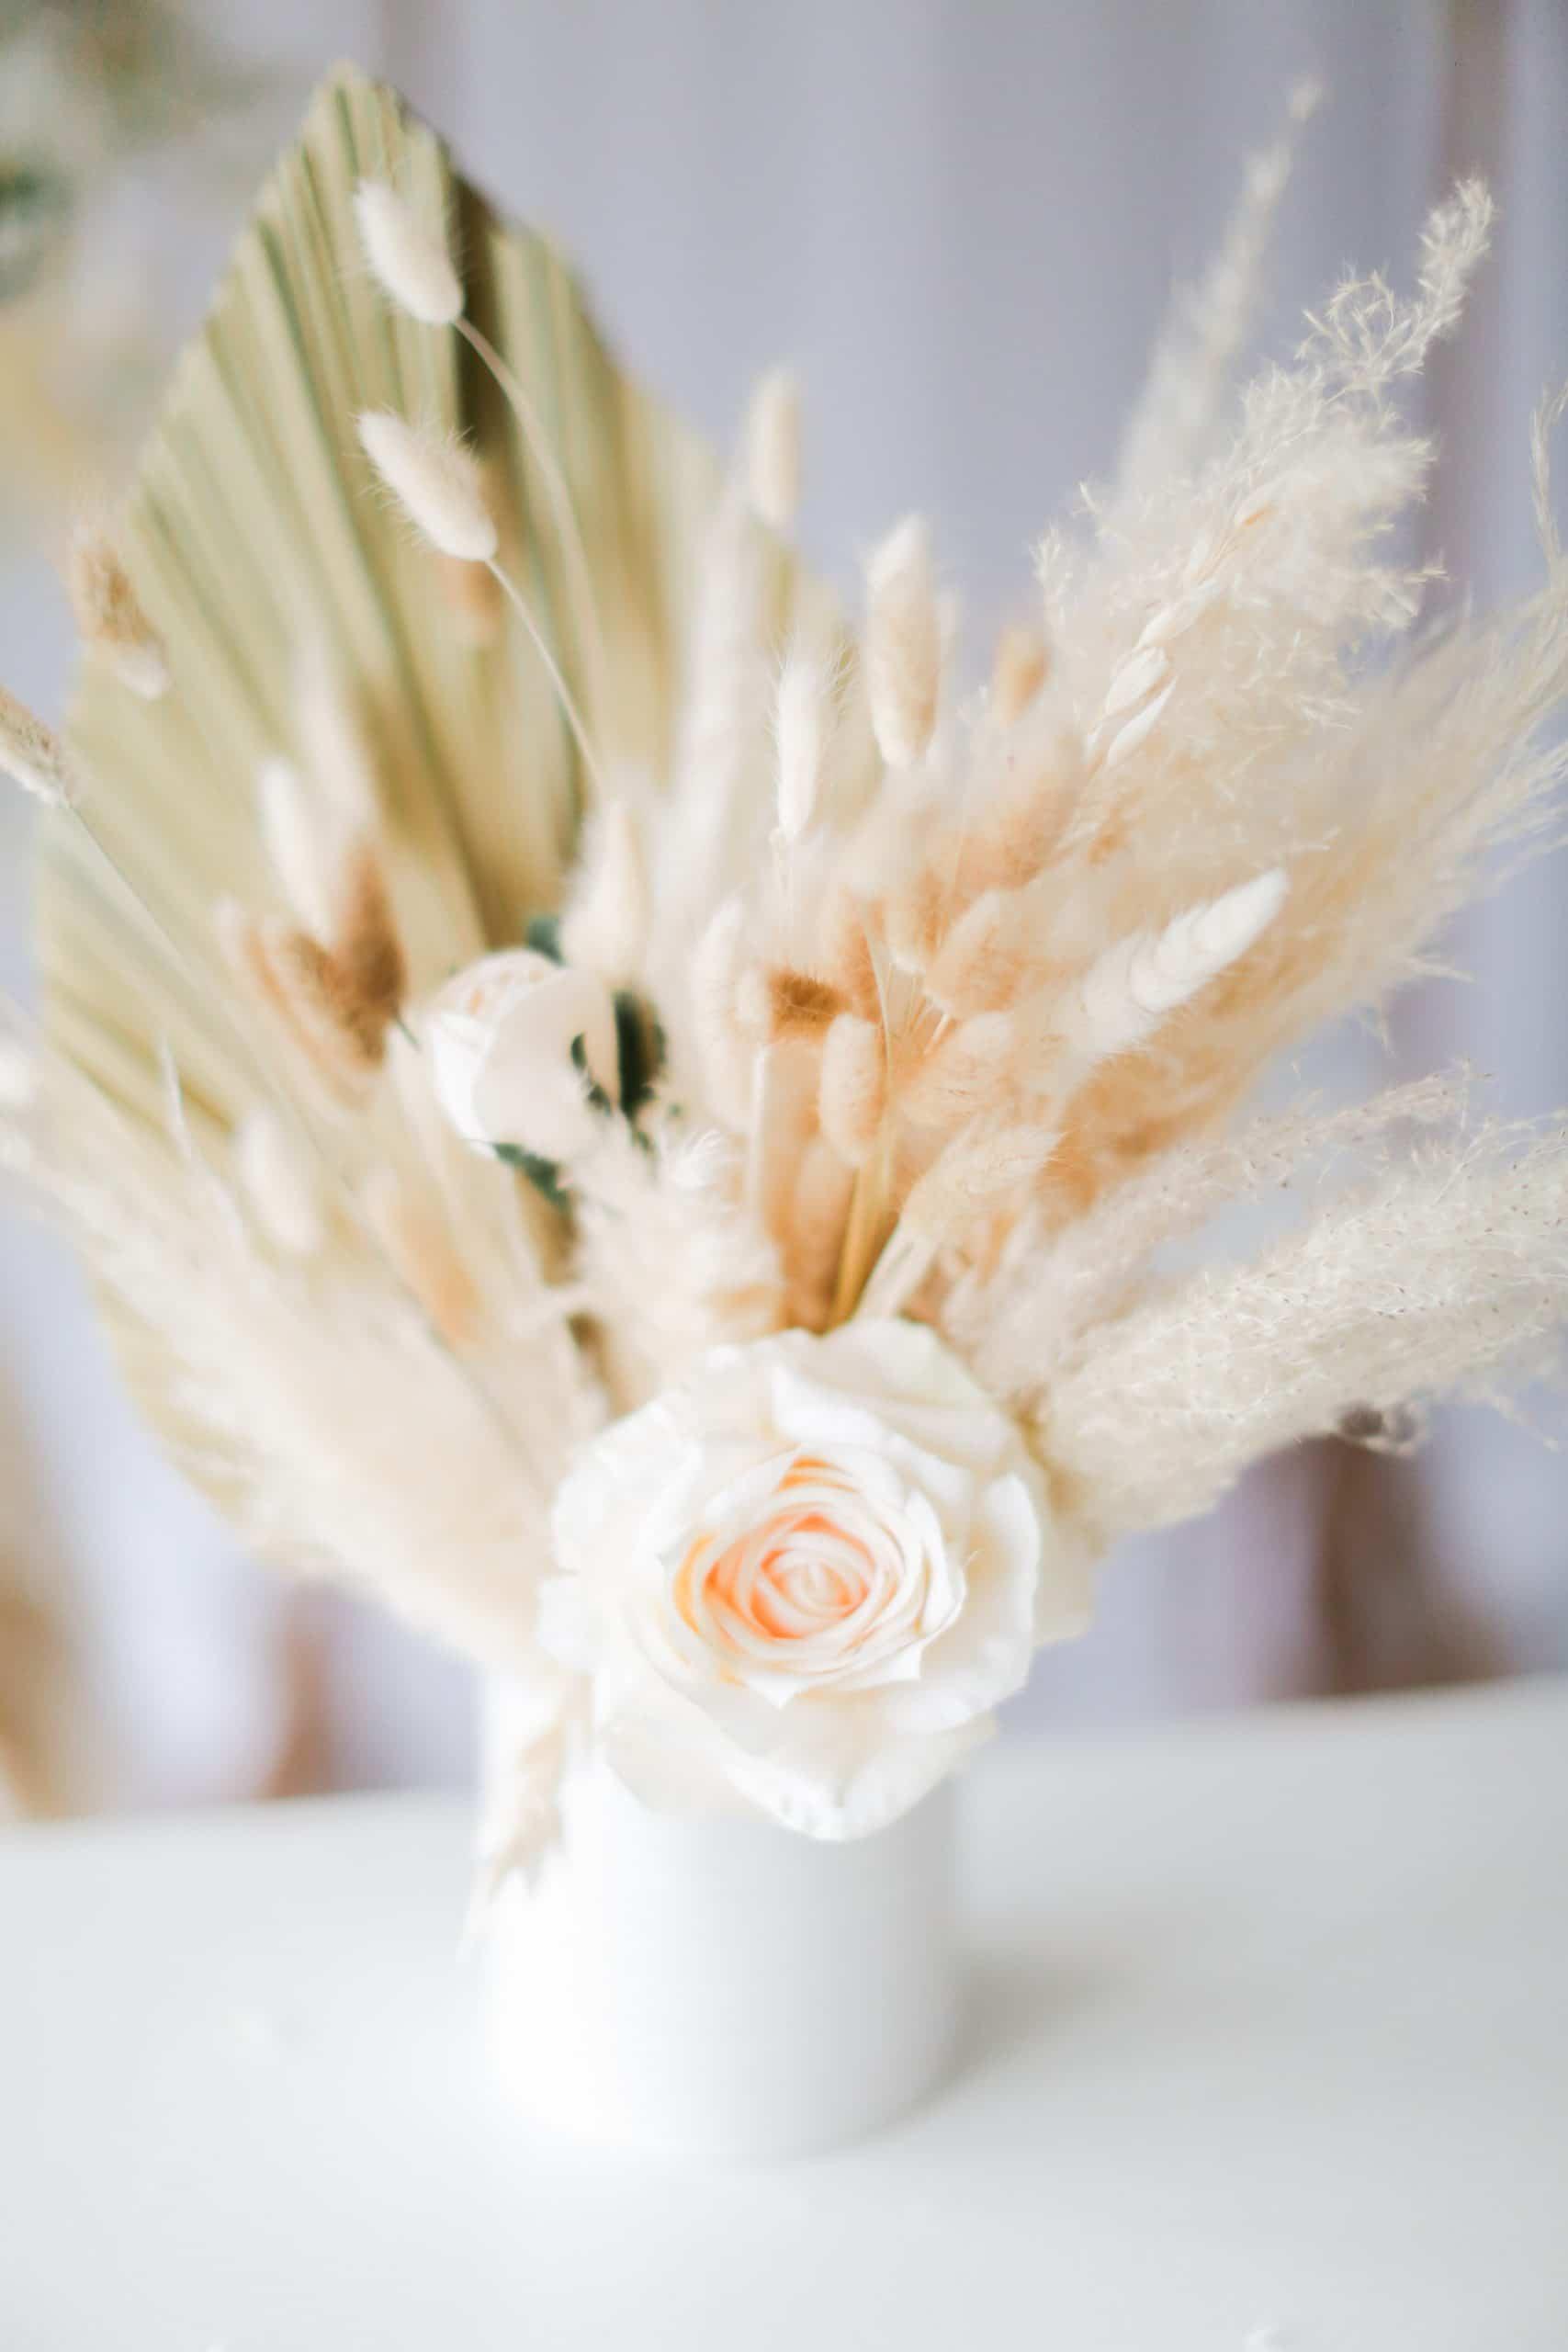 Dried Floral Arrangement Pampas